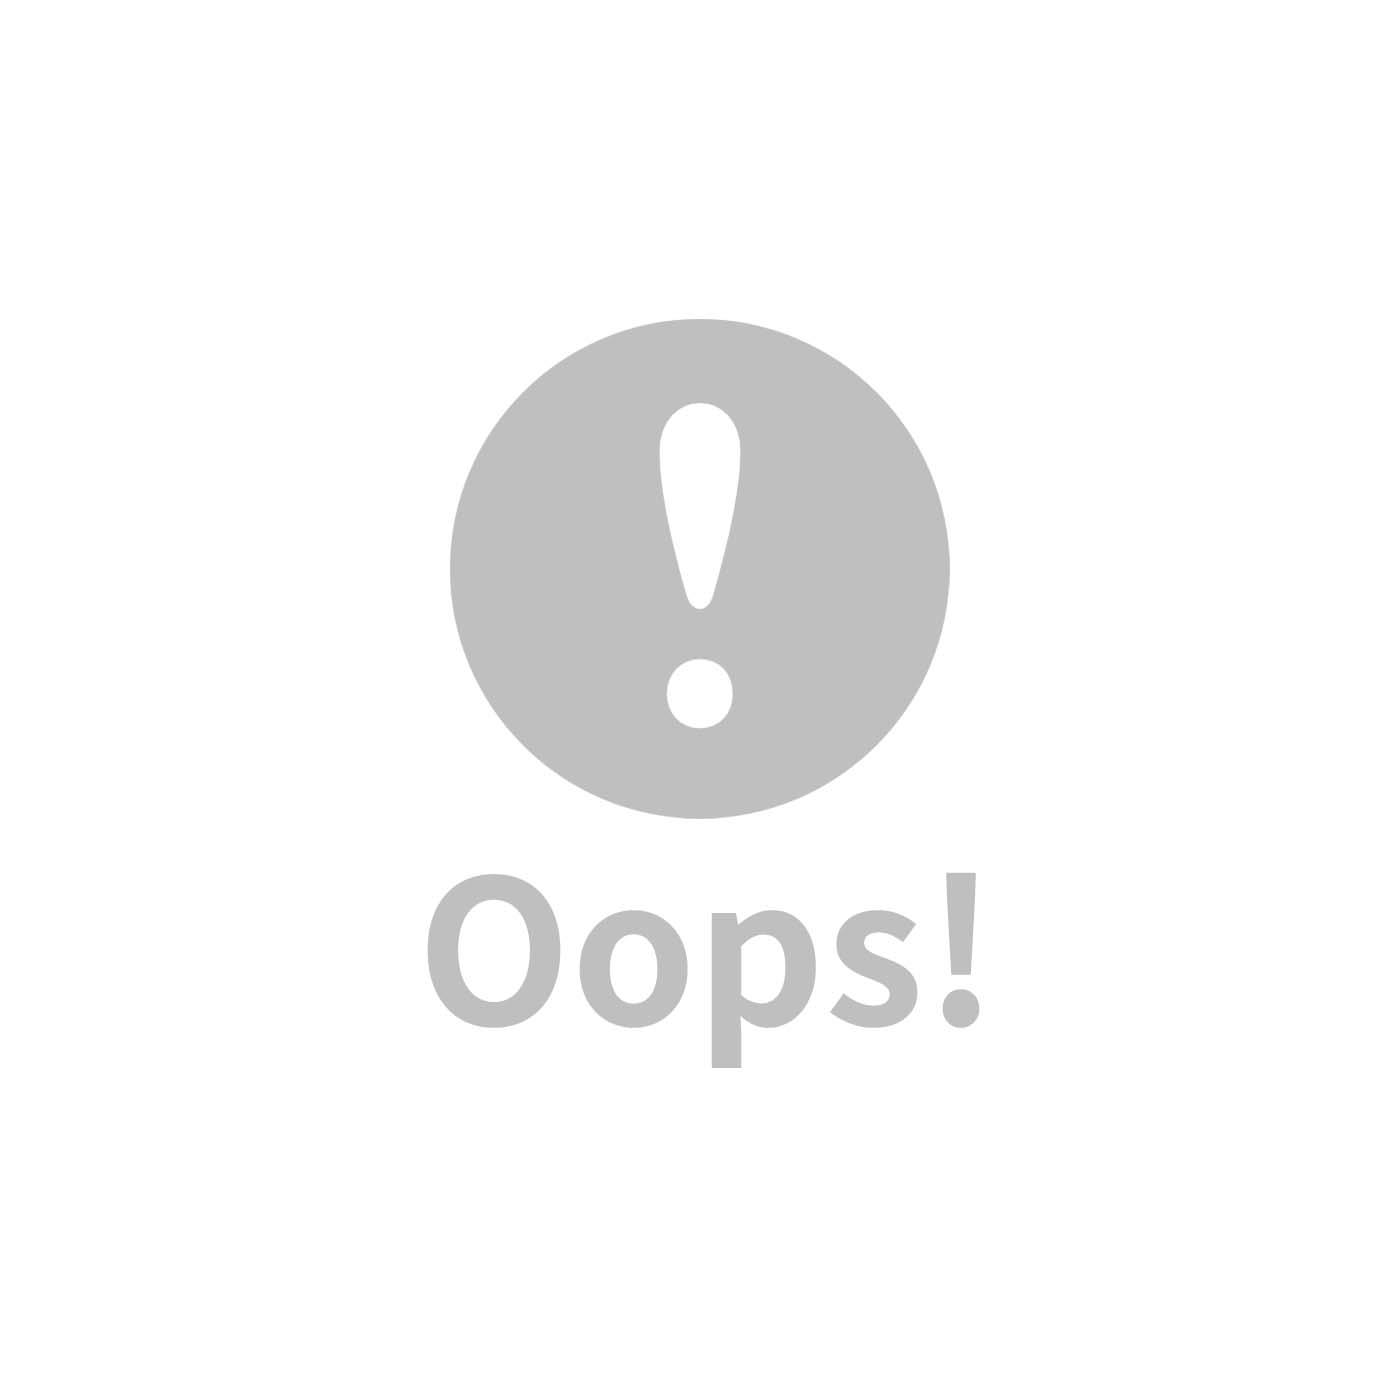 global affairs 童話手工編織安撫玩偶2(36cm)-朵莉羊